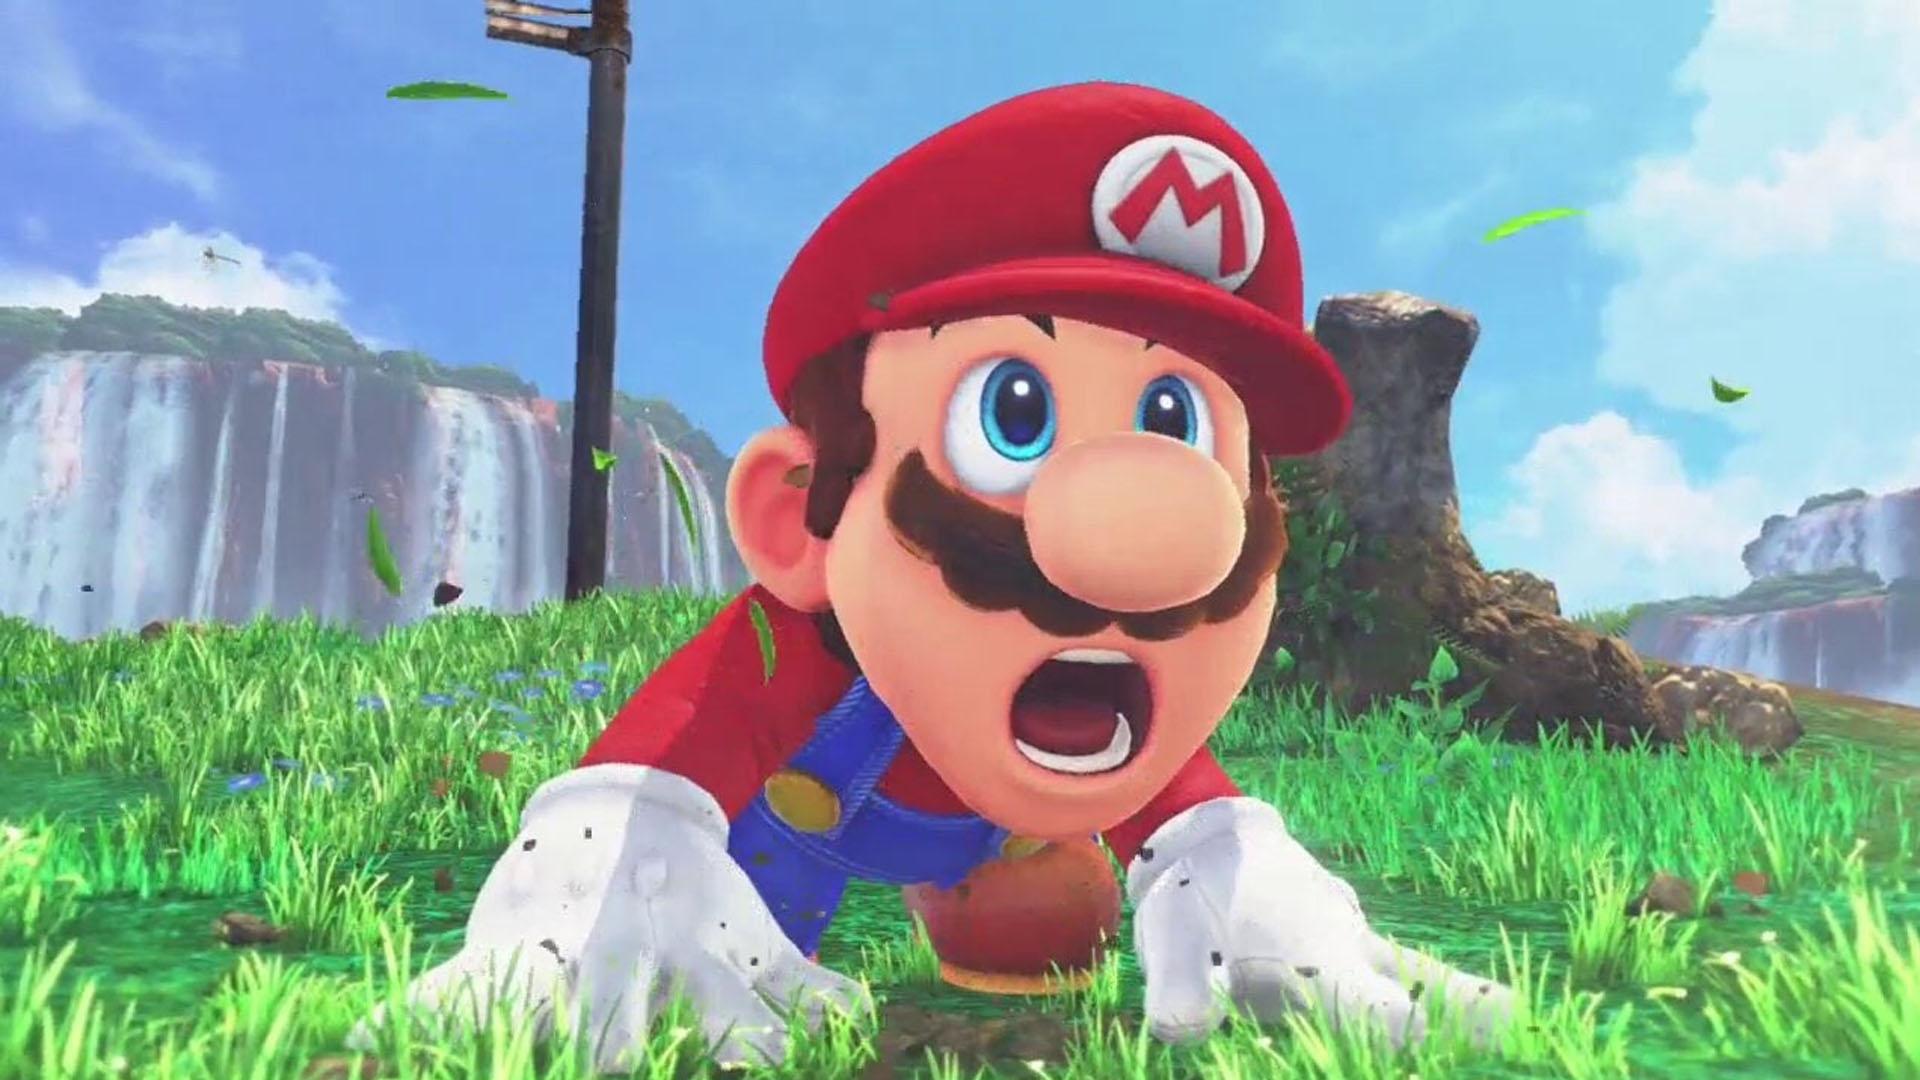 Even Mario was shocked